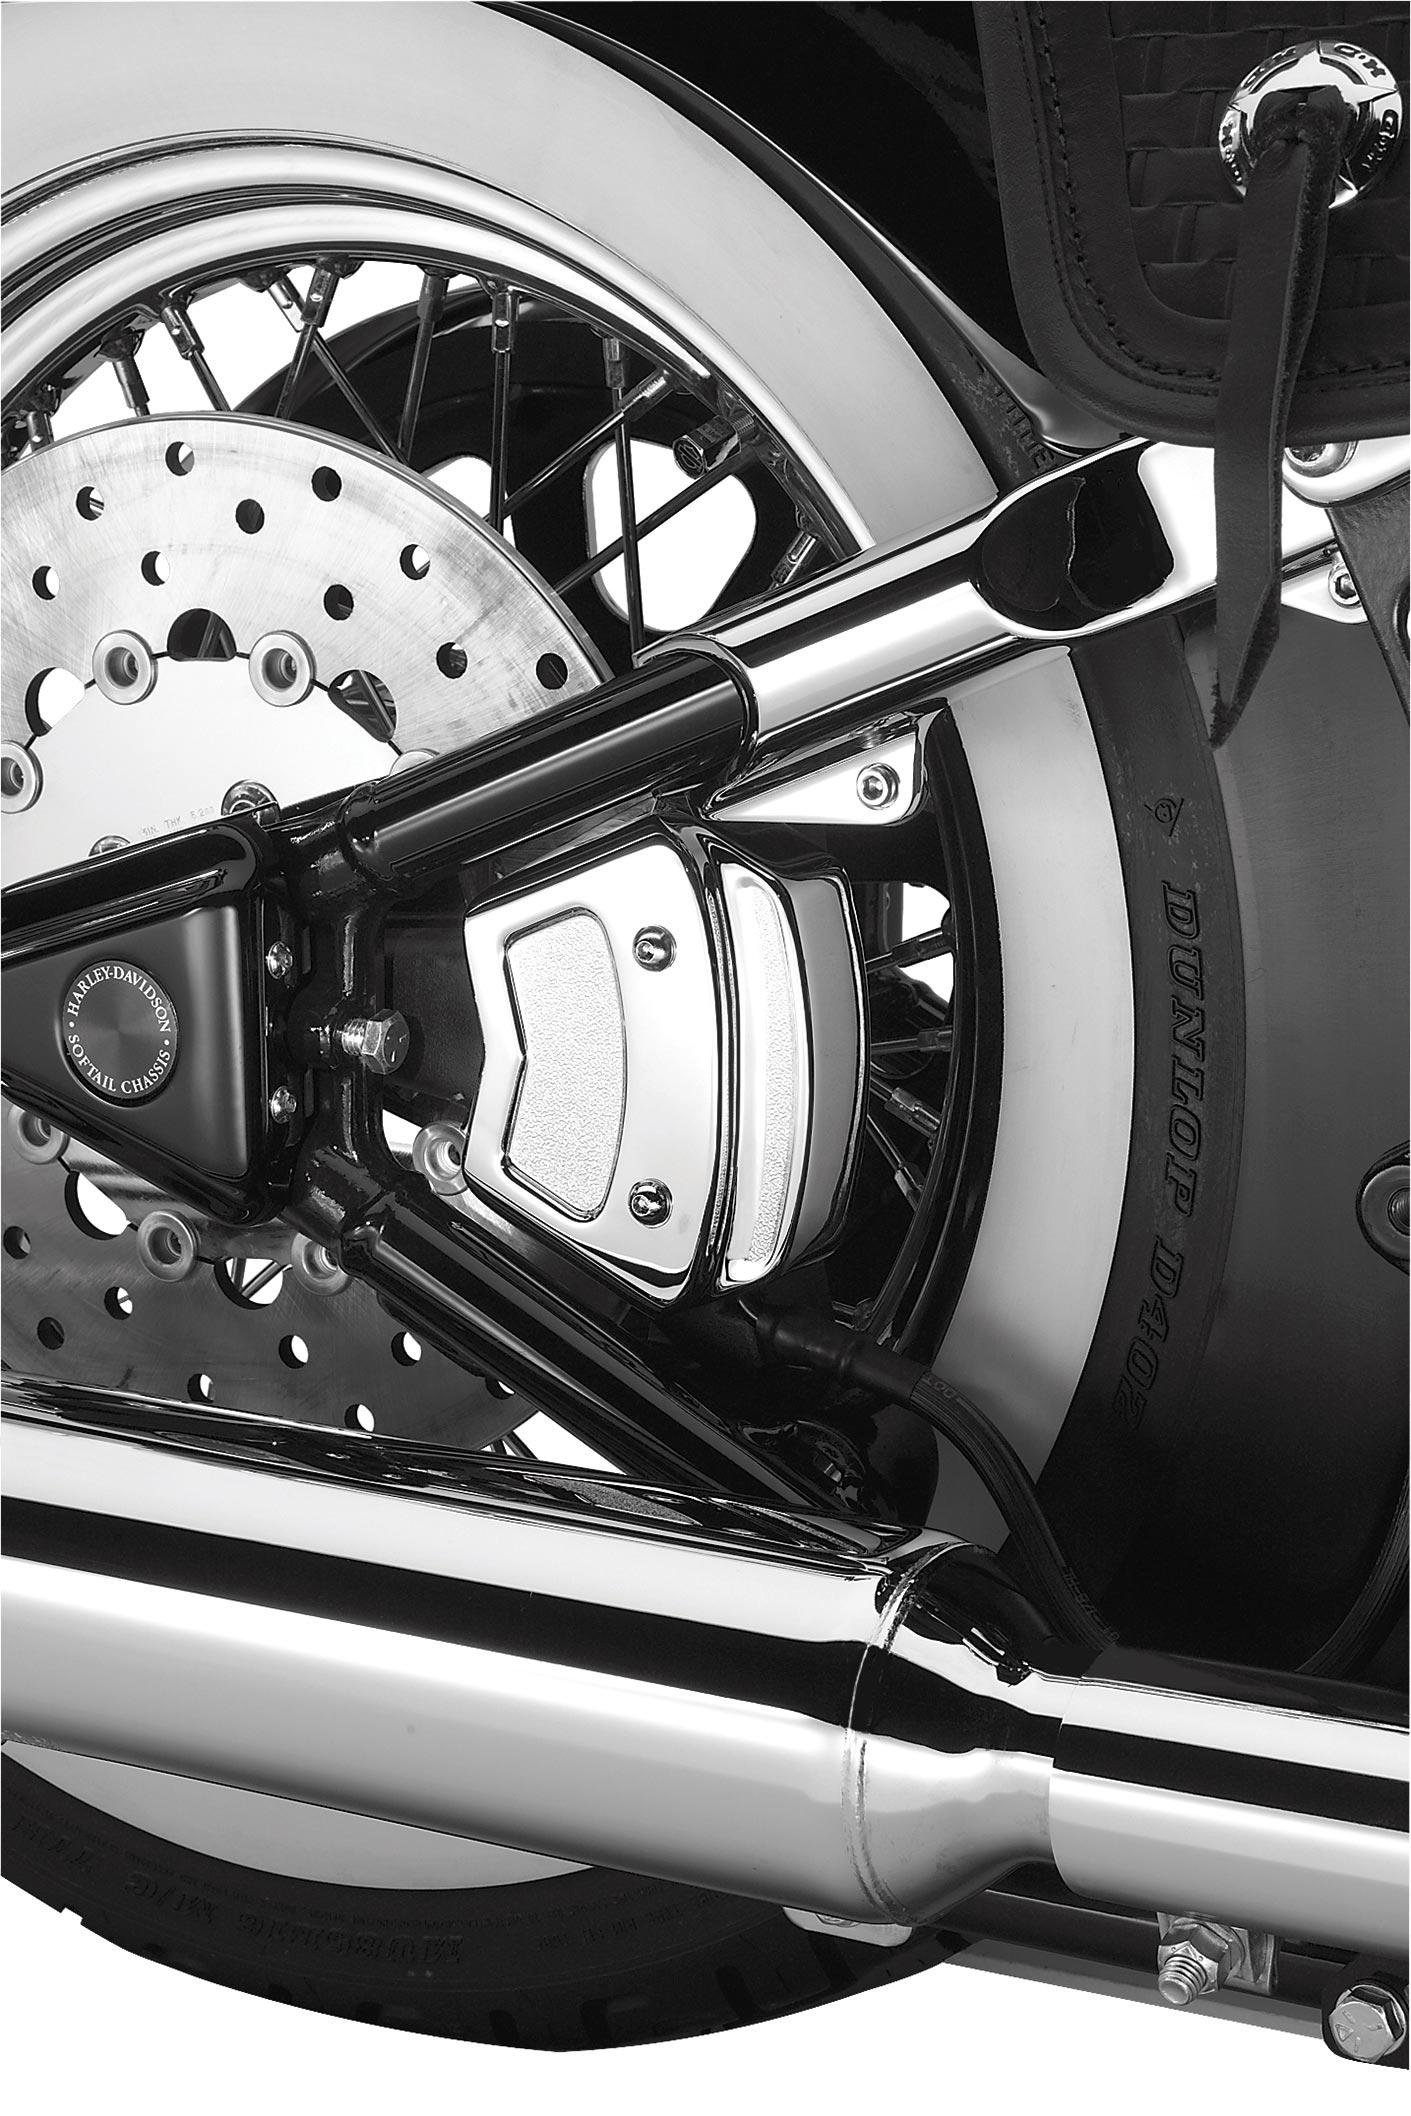 43553-00 Bremssattelabdeckung hinten chrom Dyna 00-05 & Softail 00-07